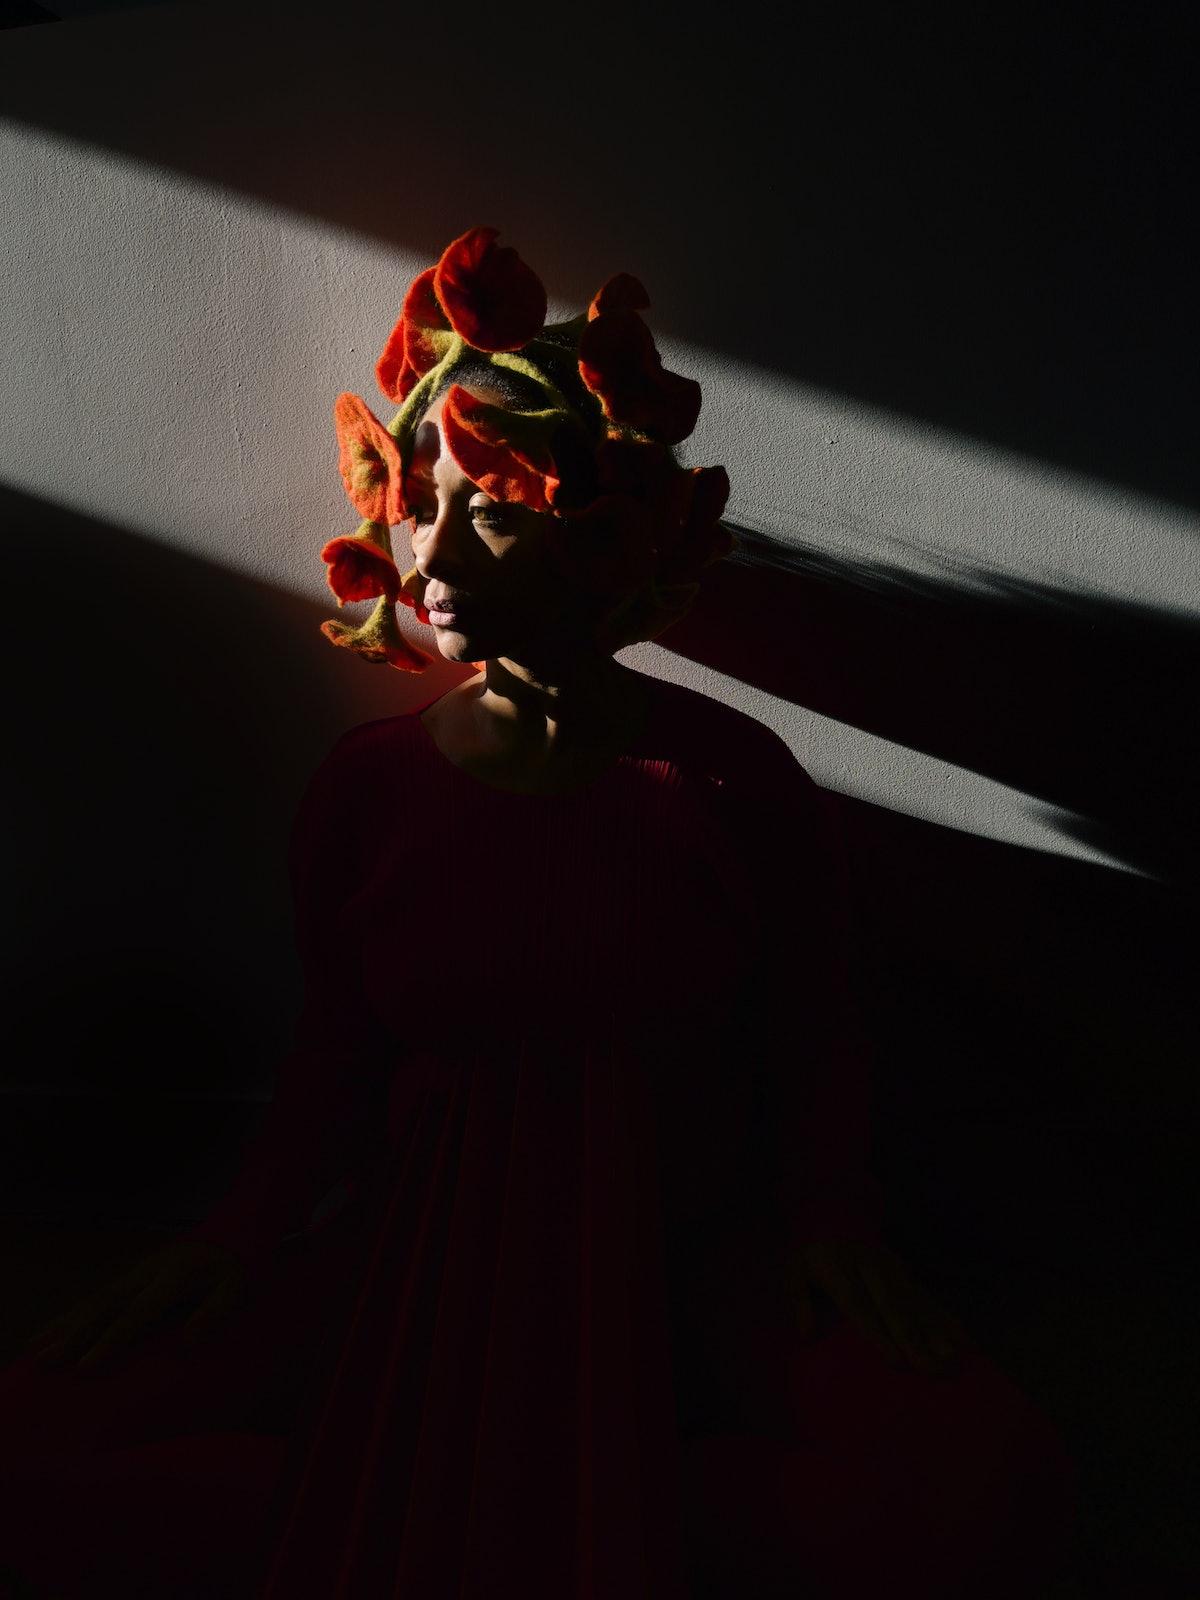 زن در سایه